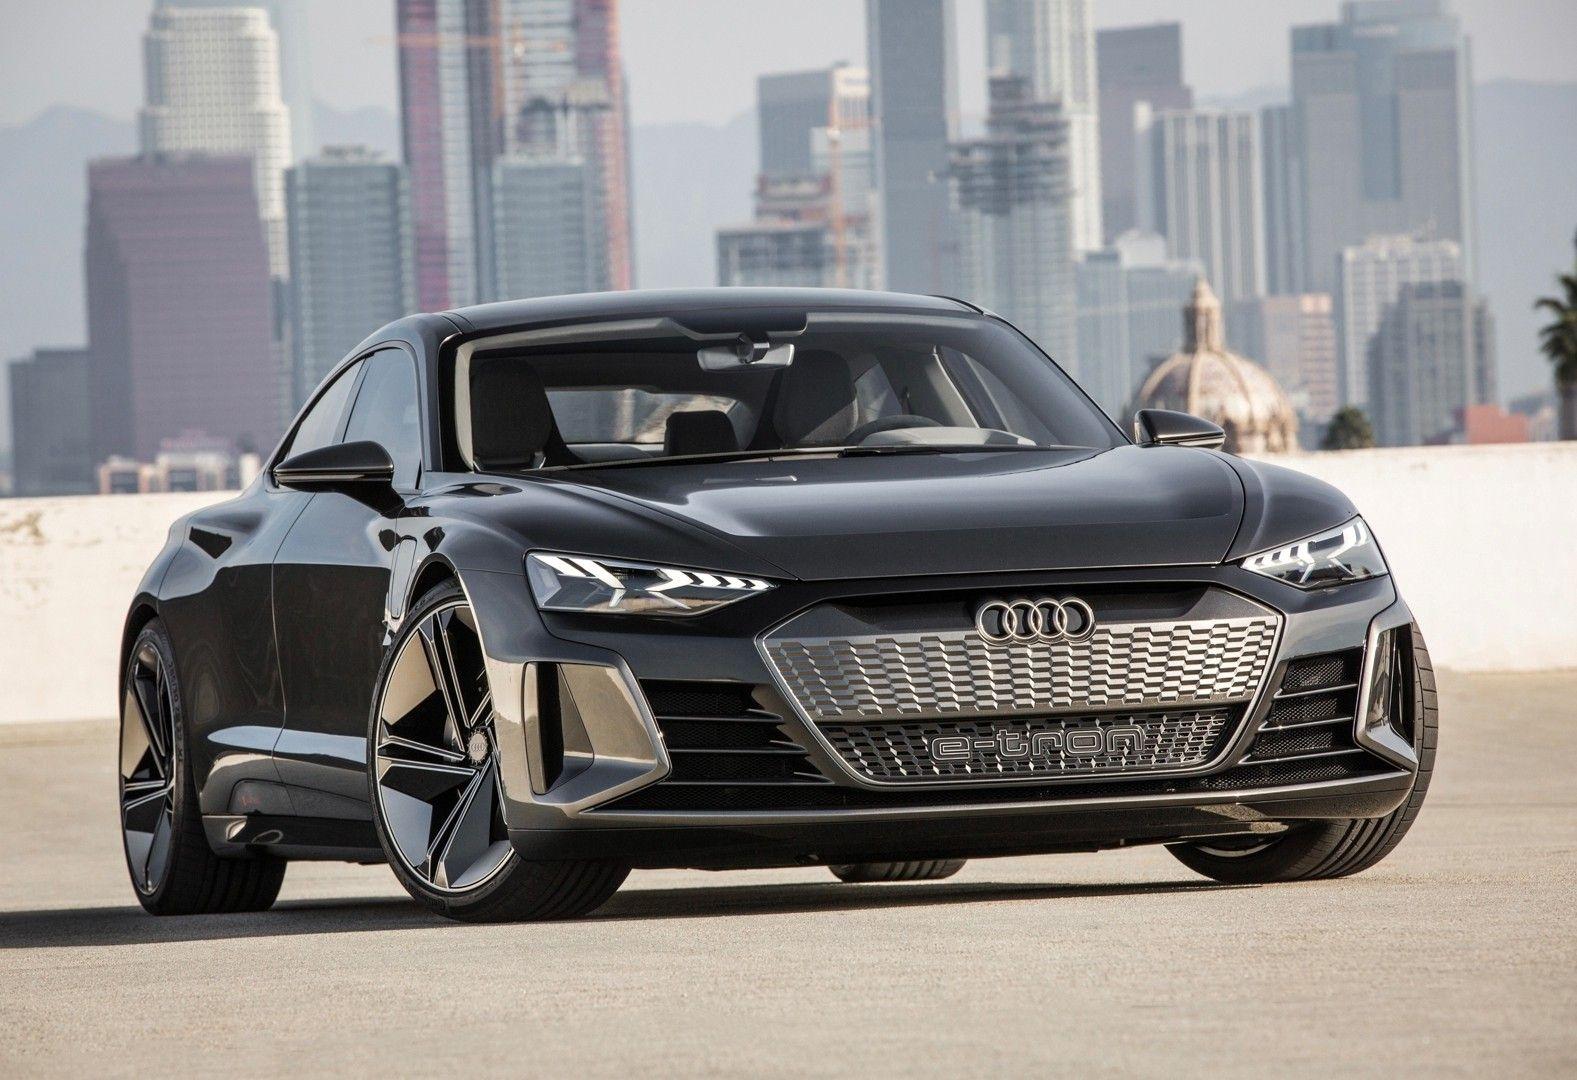 Audi E Tron Gt In 2020 Audi E Tron Audi Hybrid Hybrid Car